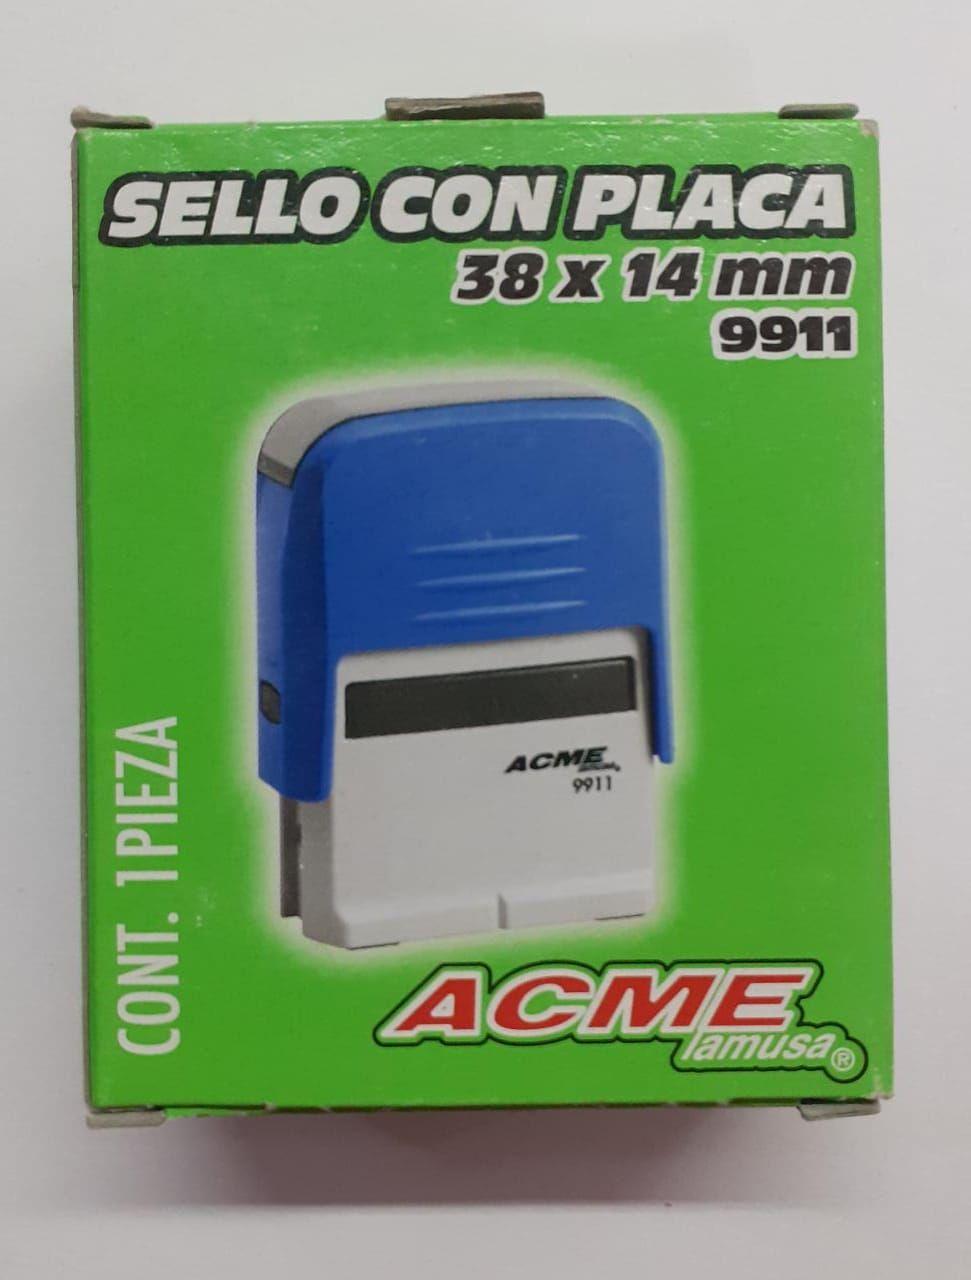 SELLO CON PALANCA ACME 38 X 14 MM 9911